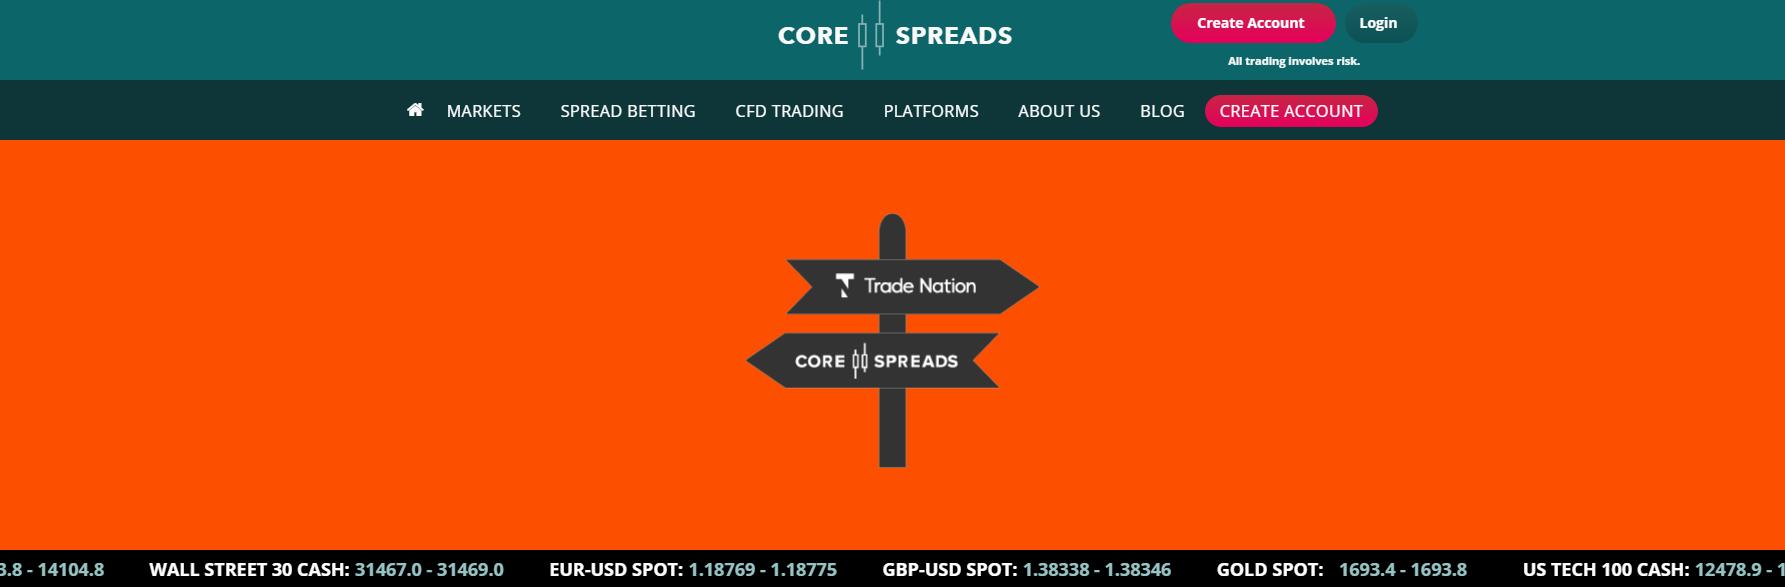 Брокер Core Spreads – что предлагает европейский CFD-посредник трейдерам?